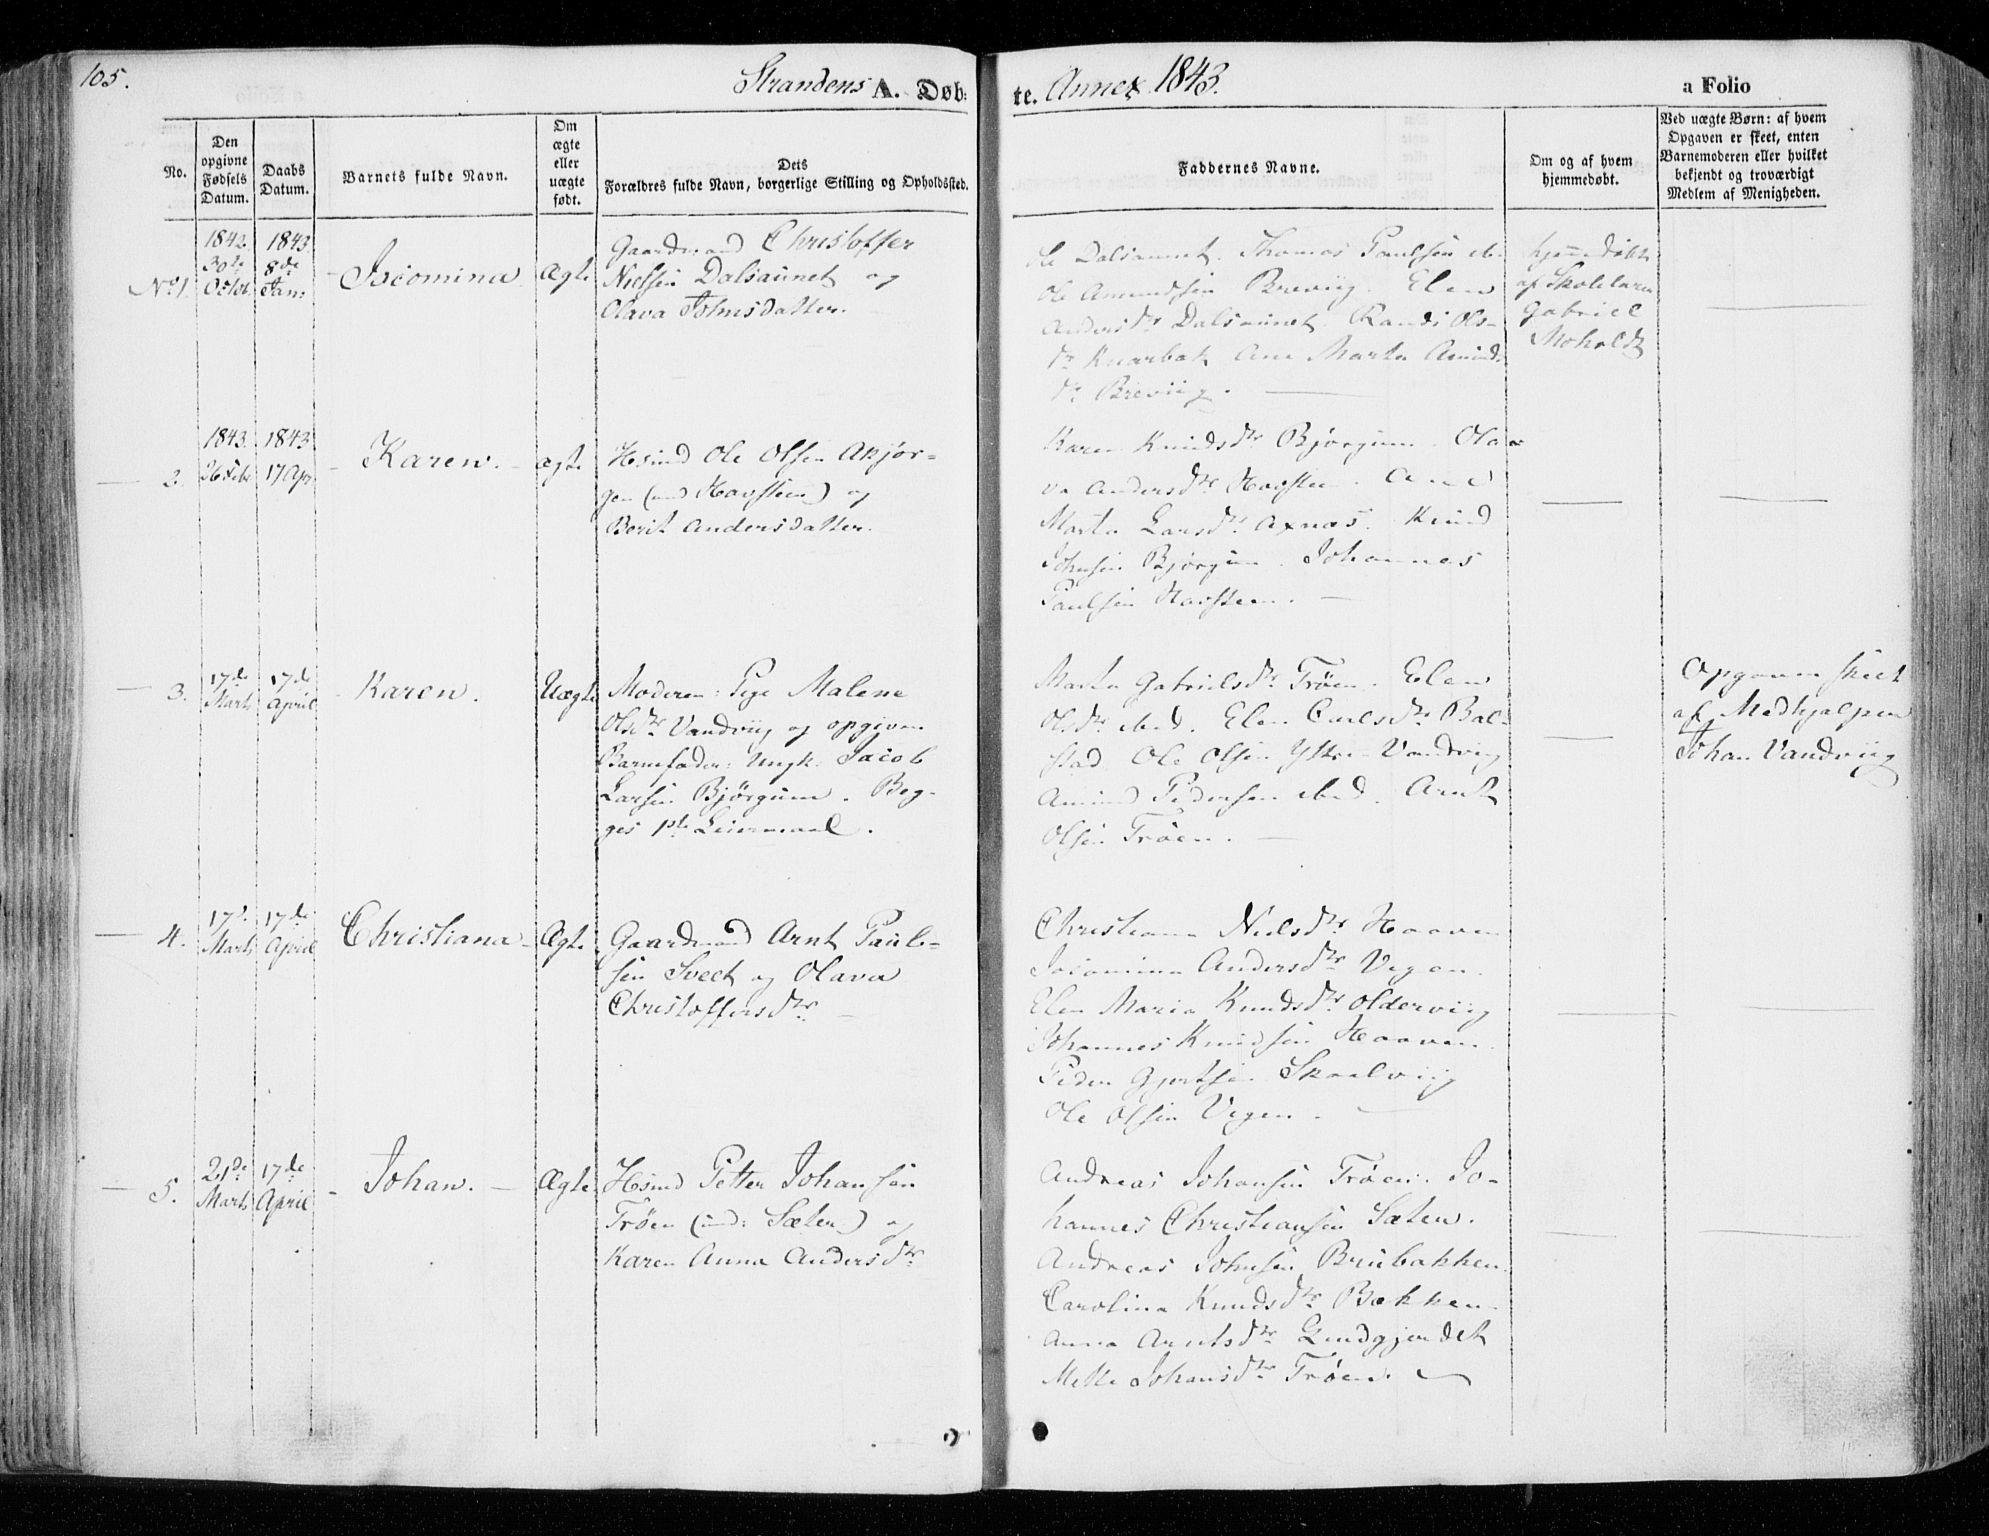 SAT, Ministerialprotokoller, klokkerbøker og fødselsregistre - Nord-Trøndelag, 701/L0007: Ministerialbok nr. 701A07 /2, 1842-1854, s. 105